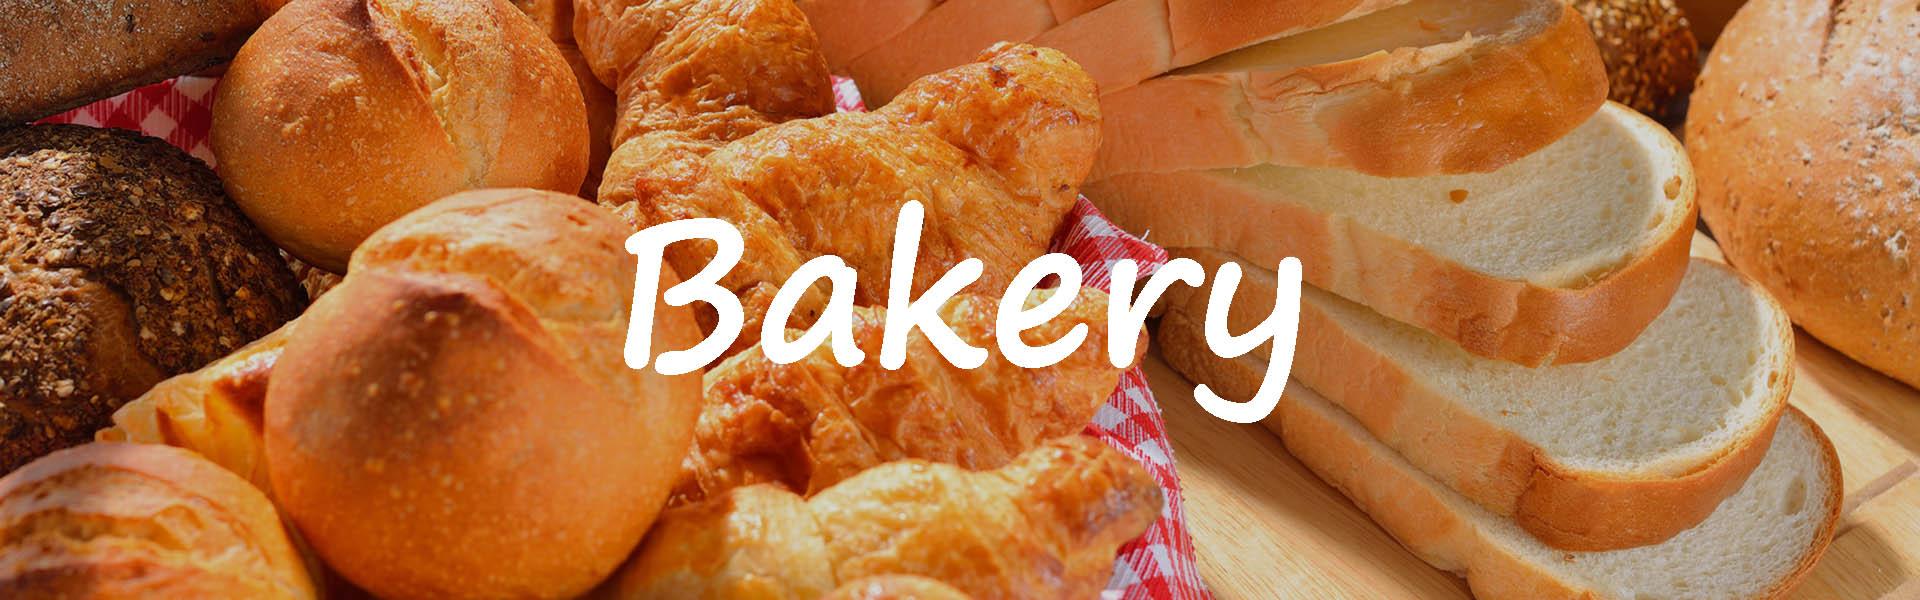 web-ready-bakery-1